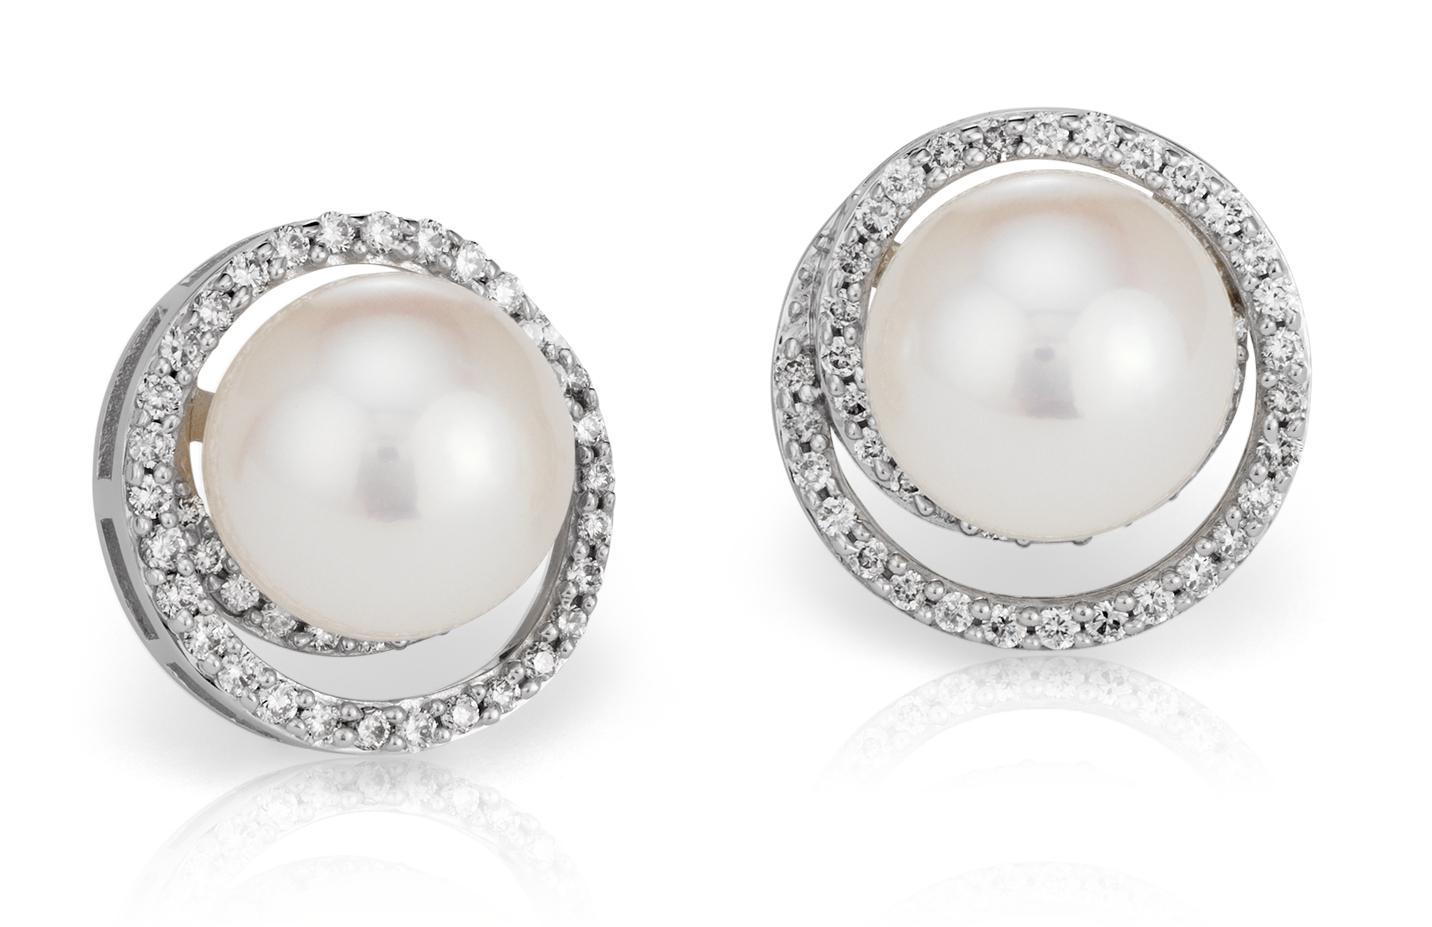 Boucles d'oreilles diamant et perle de culture d'eau douce en or blanc 14carats